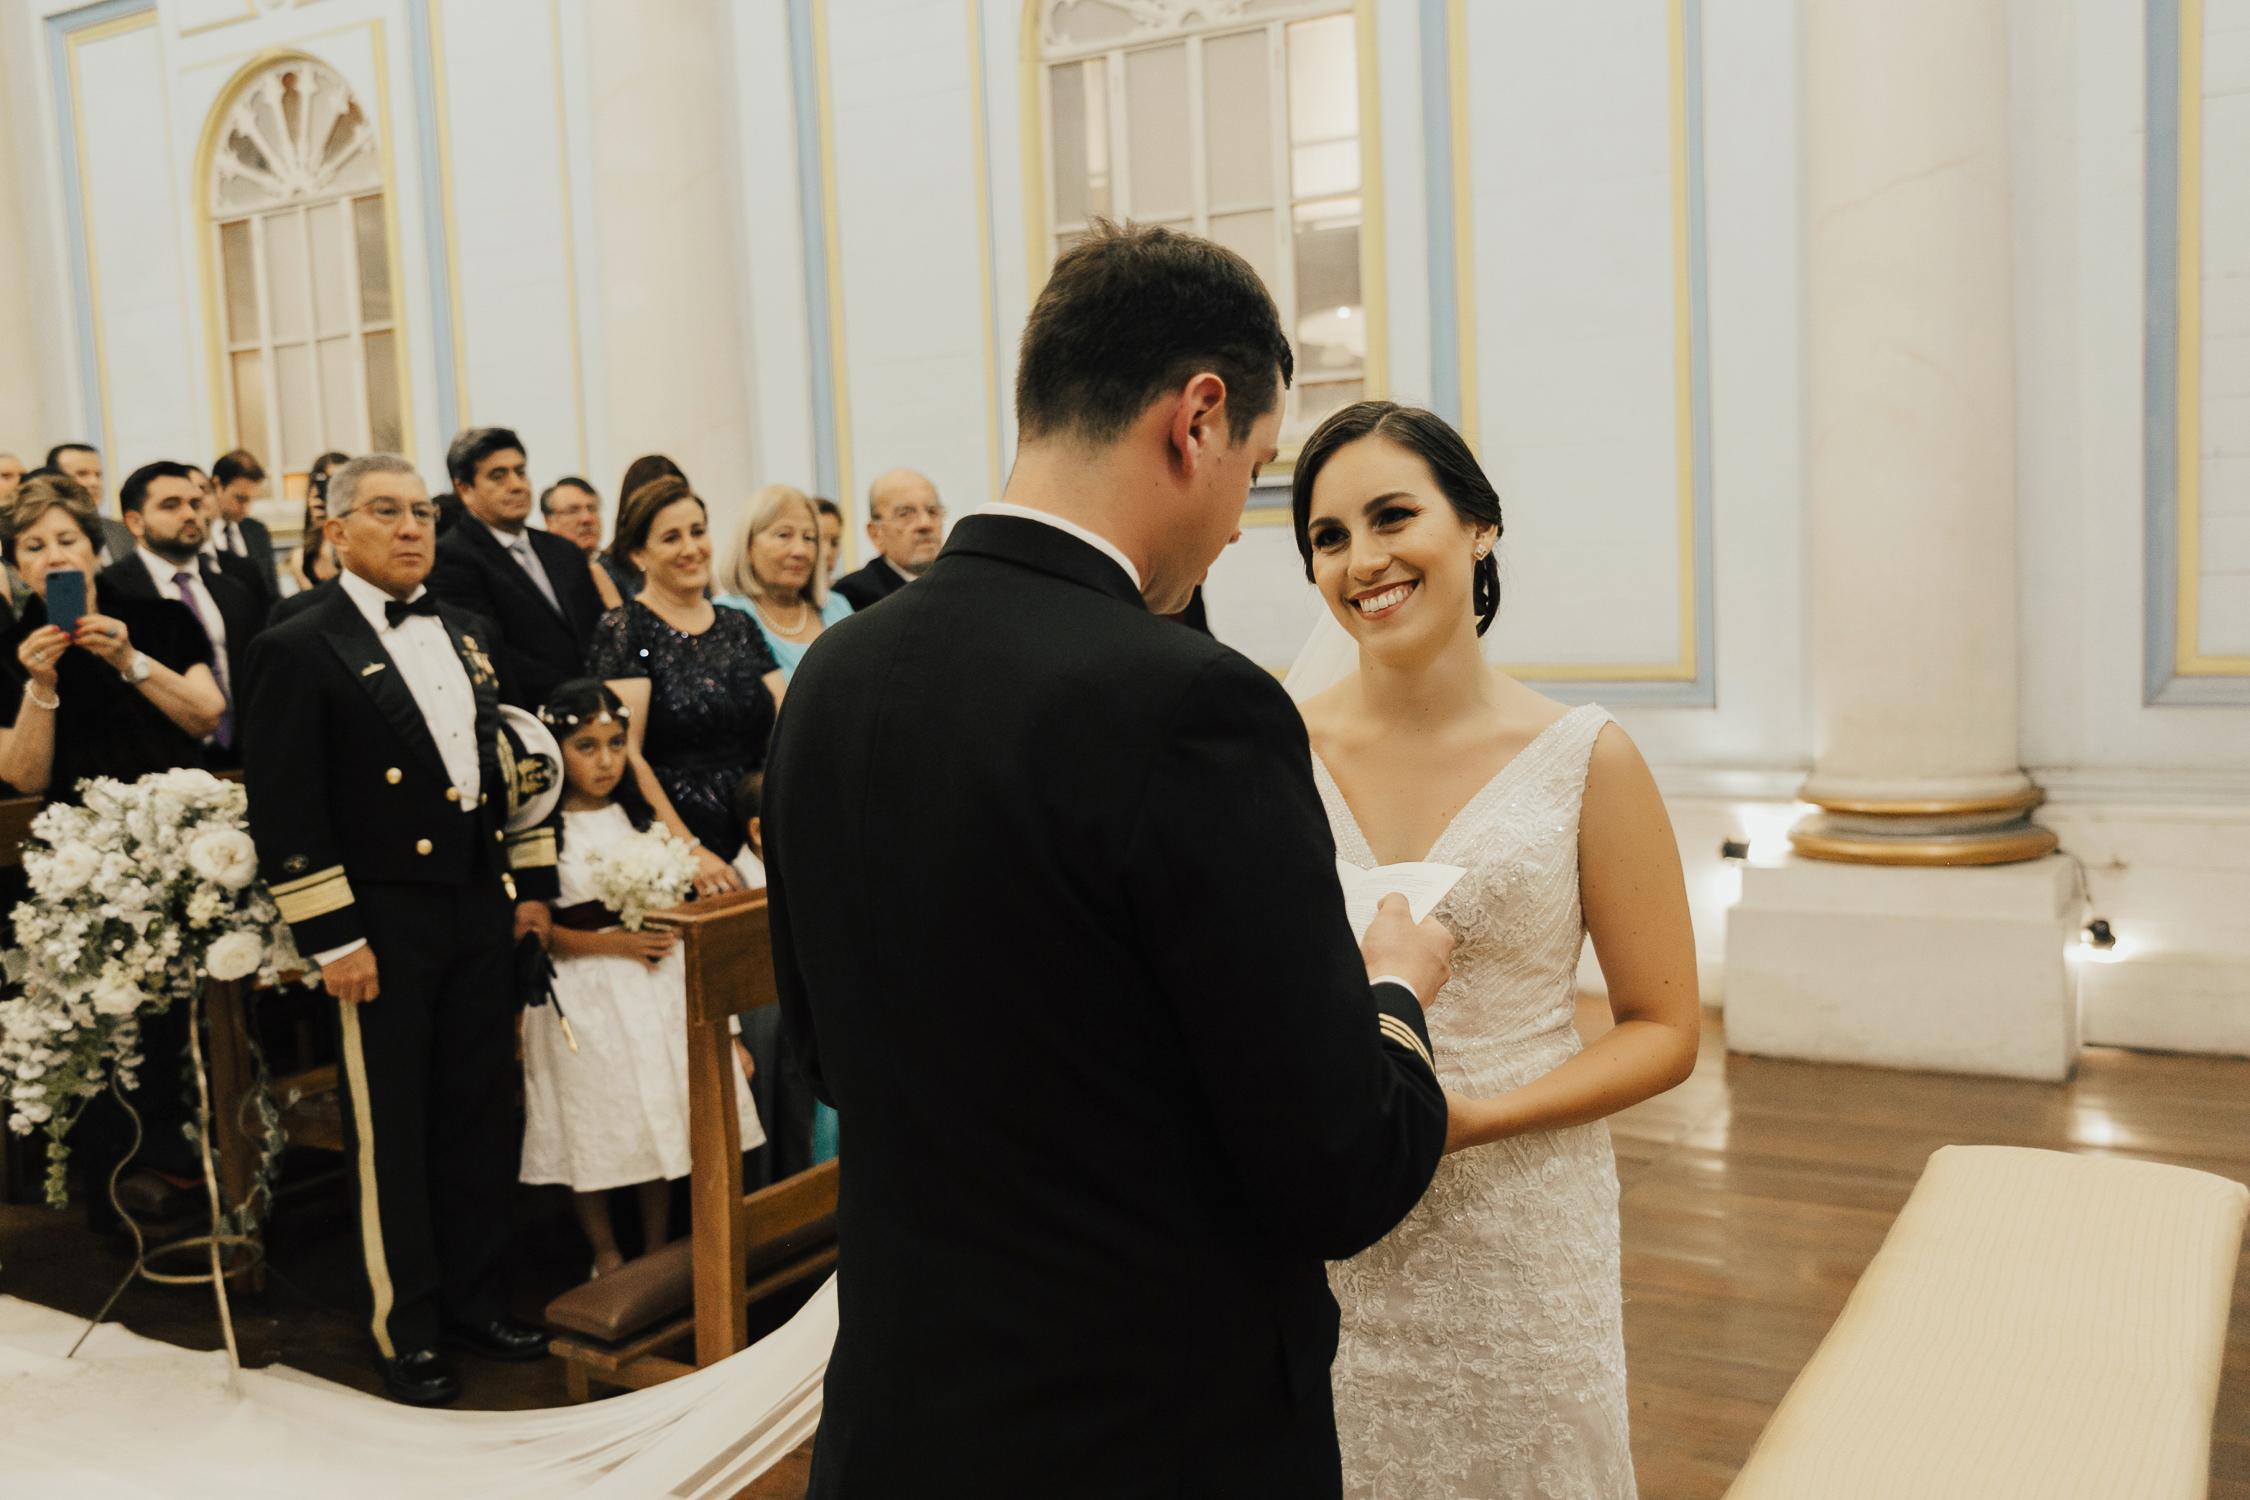 Michelle-Agurto-Fotografia-Bodas-Ecuador-Destination-Wedding-Photographer-Ecuador-Mercedes-Alvaro-74.JPG